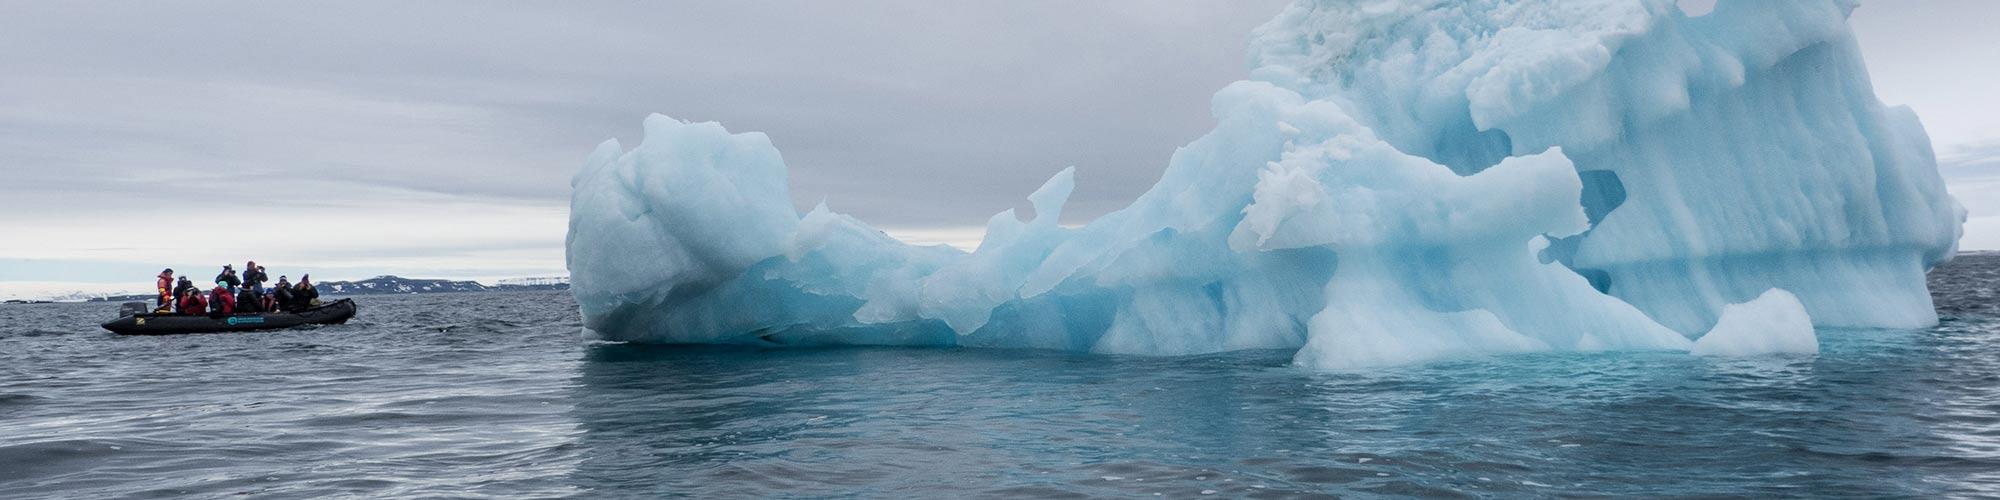 Aventura Ártica: En velero por las Islas Svalbard - EL PAÍS Viajes